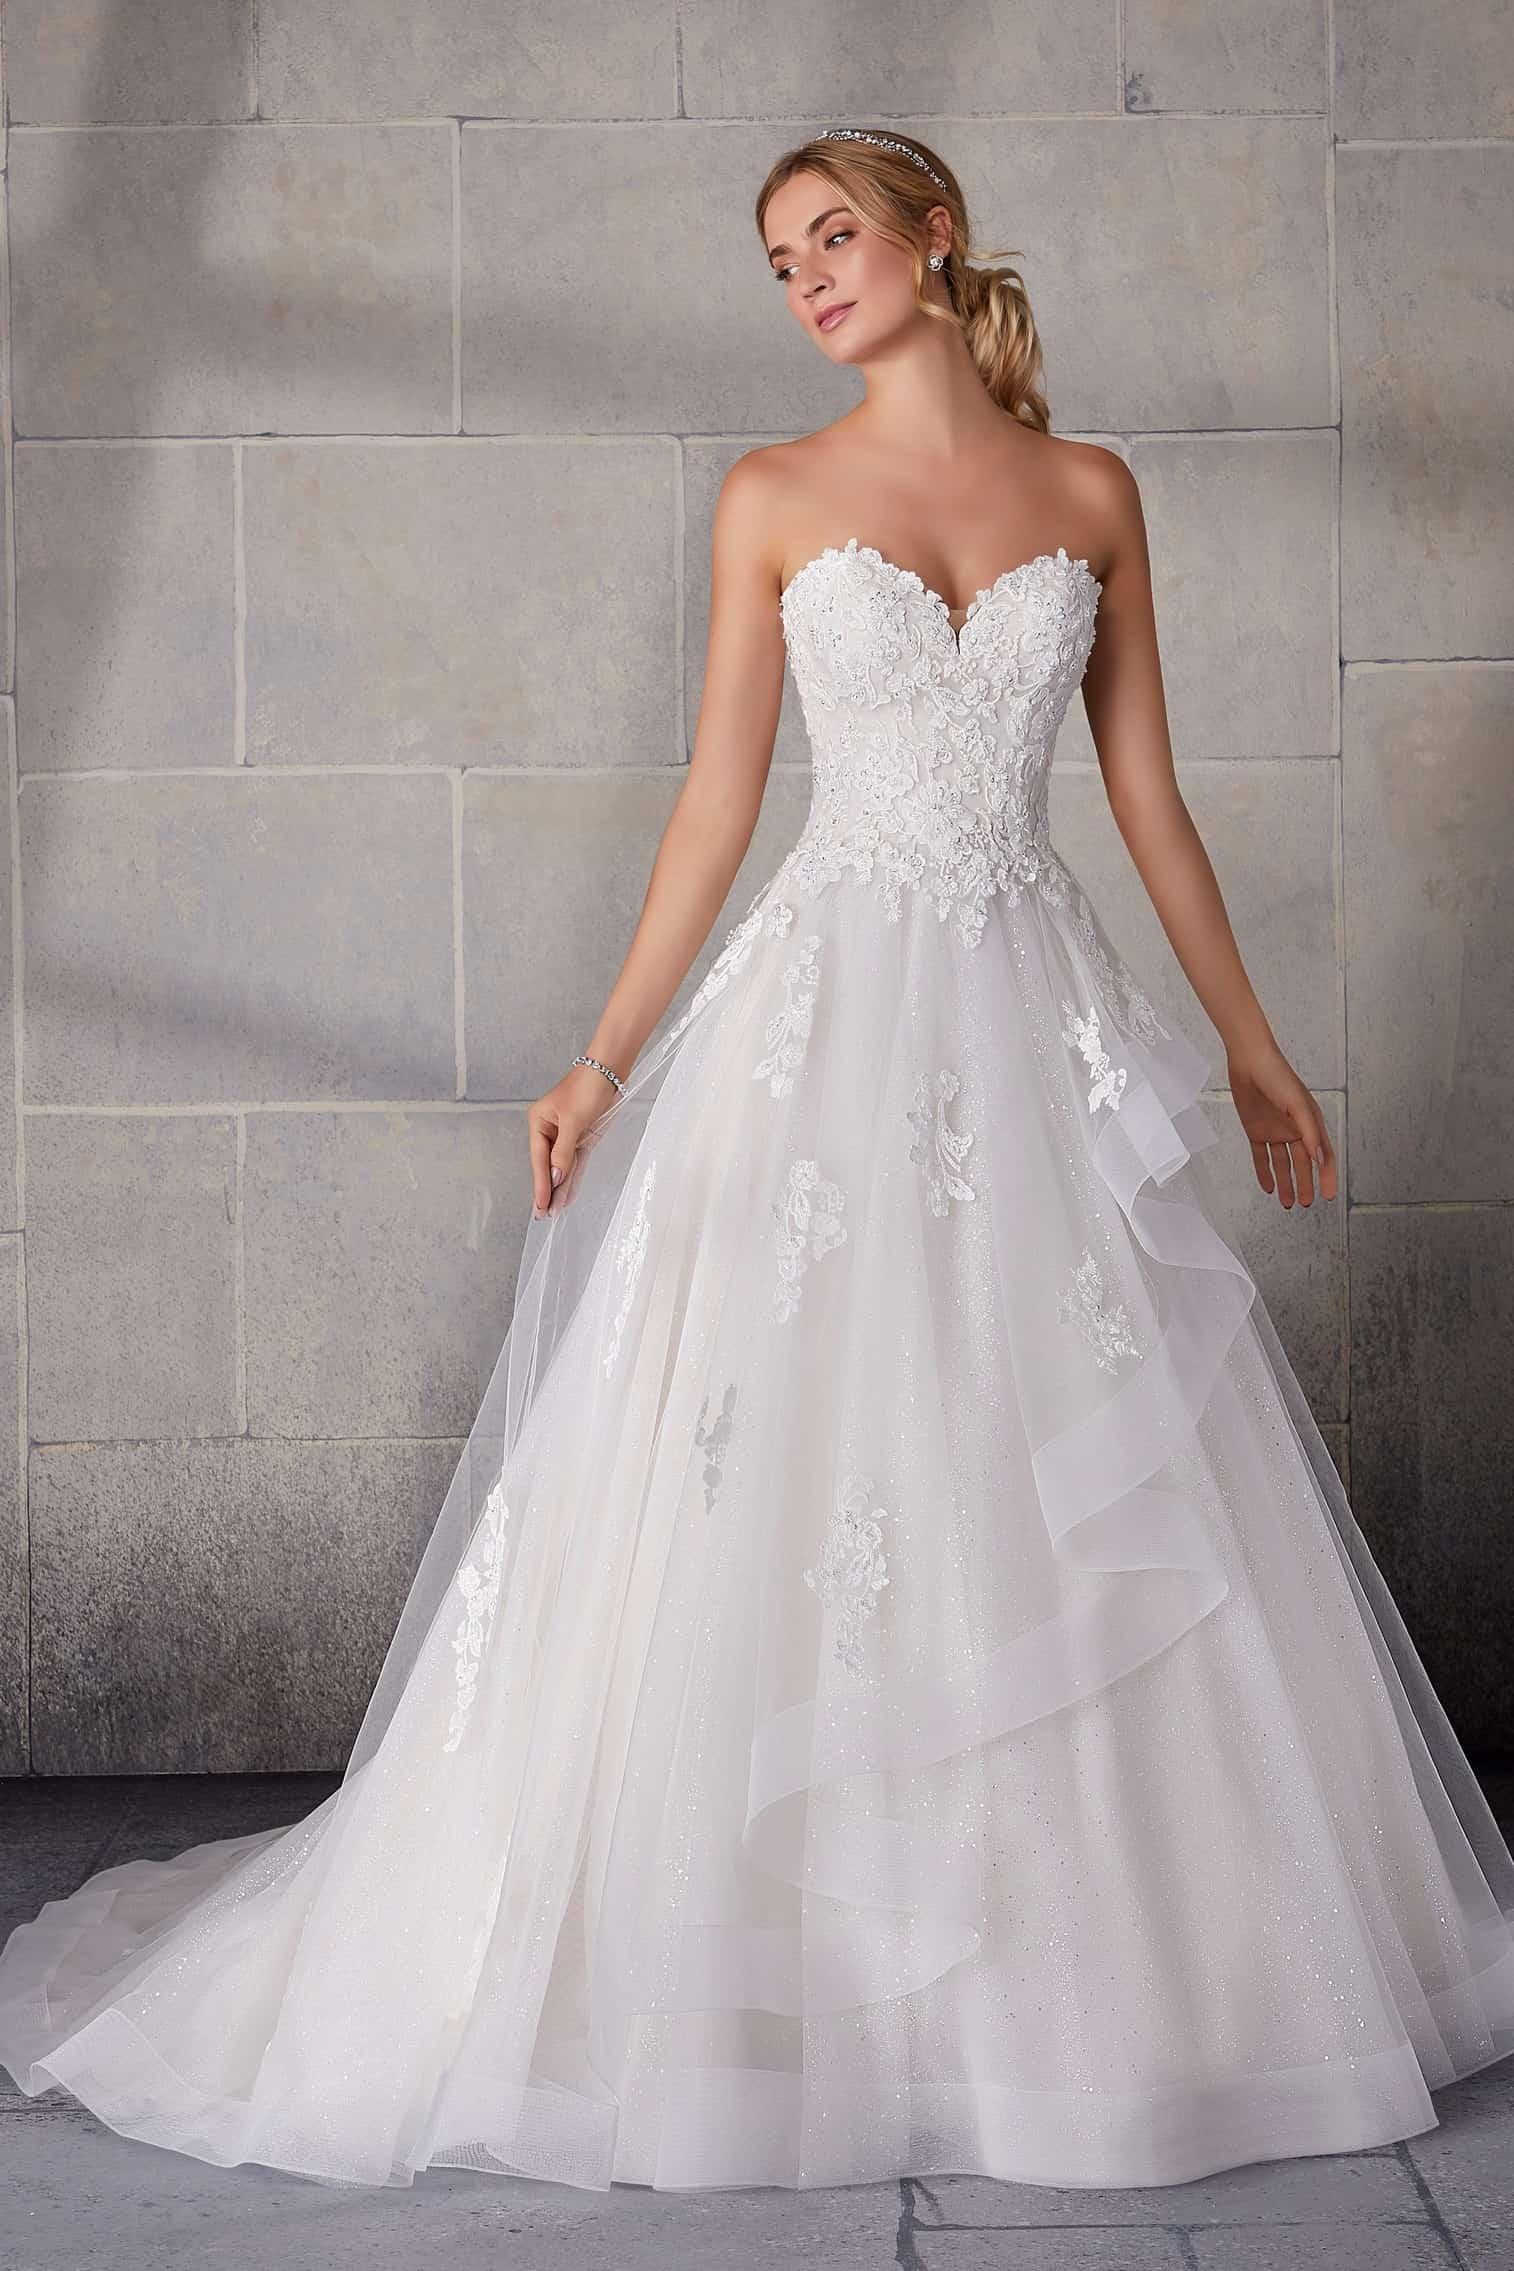 A vonalú tüll menyasszonyi ruha csipkedészítésű, fodros szoknyával, szív alakú csipke bodyval. Style: Shania/2140.